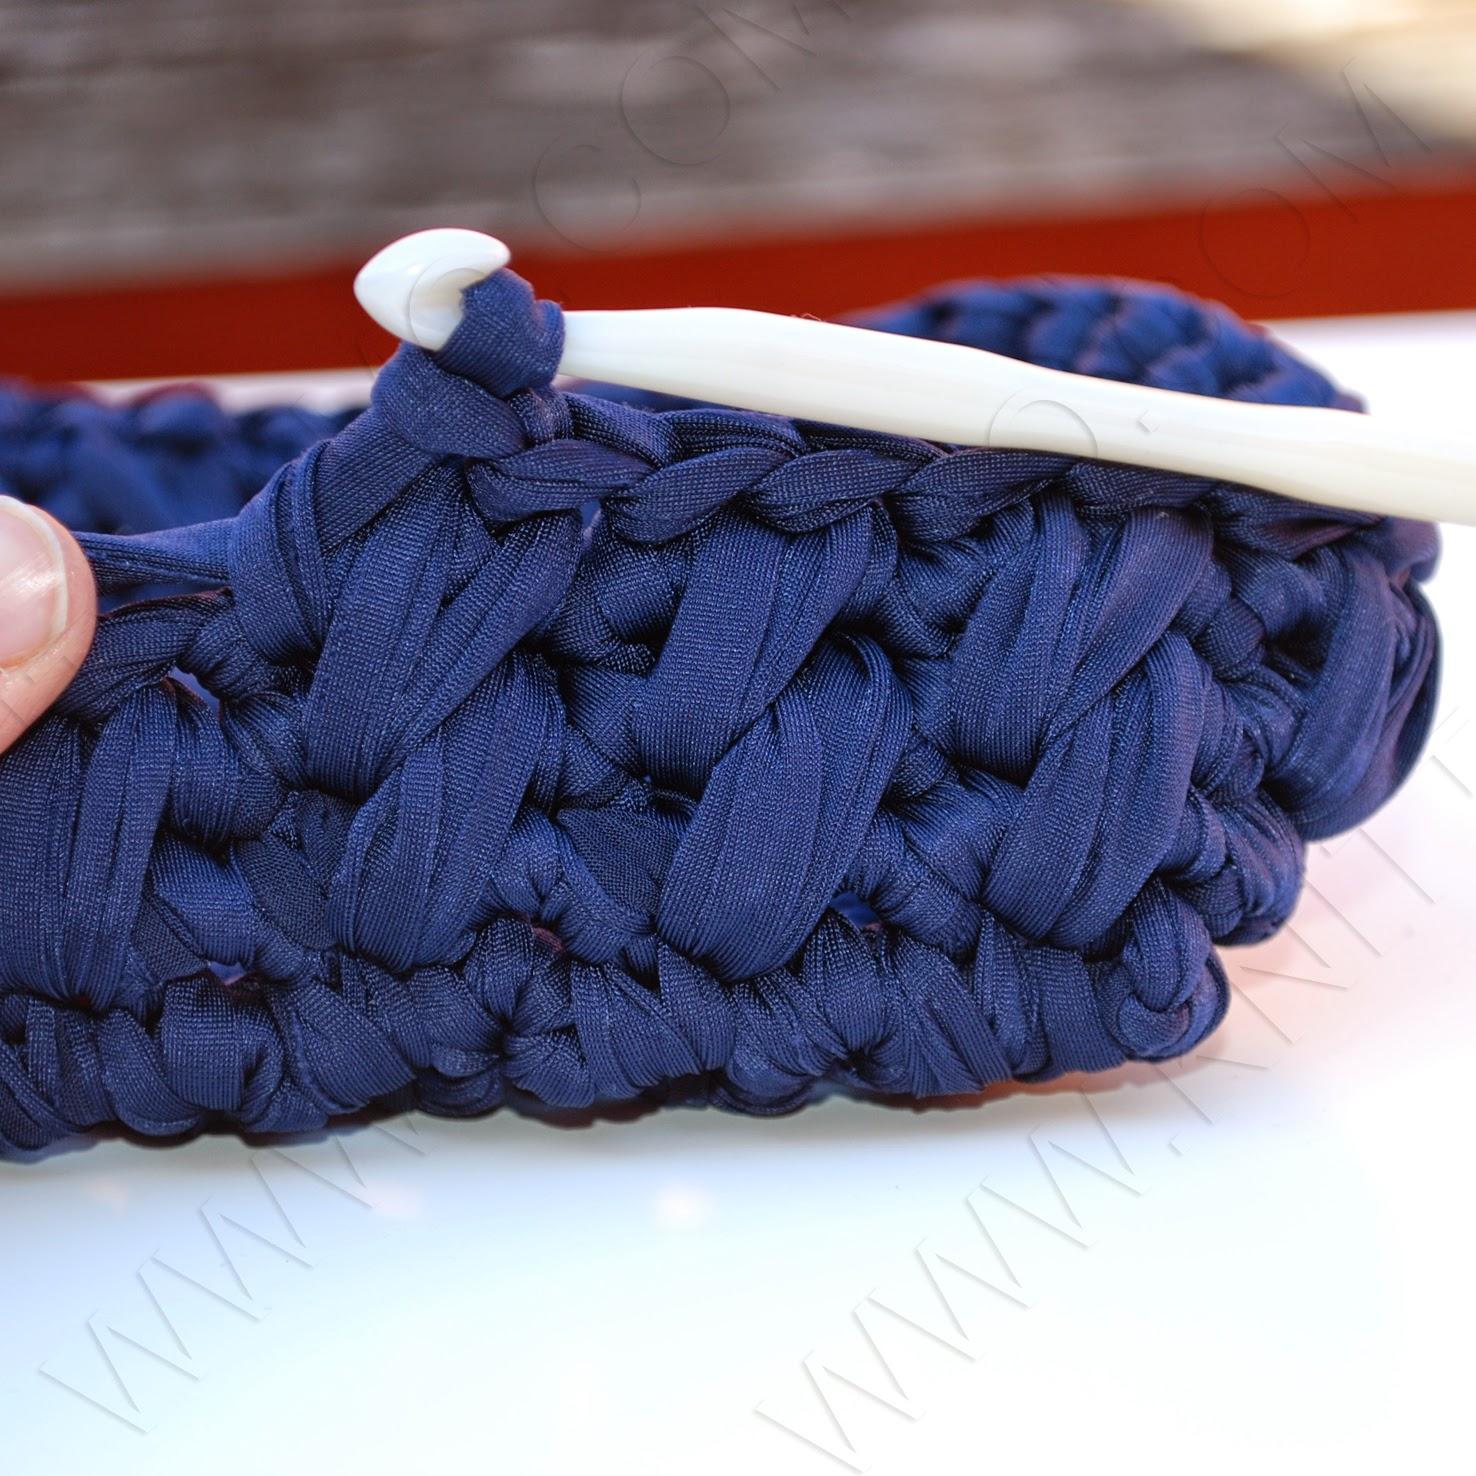 Knittiamo Con Martina E Roberta Borsa Di Fettuccia In Variante Blue